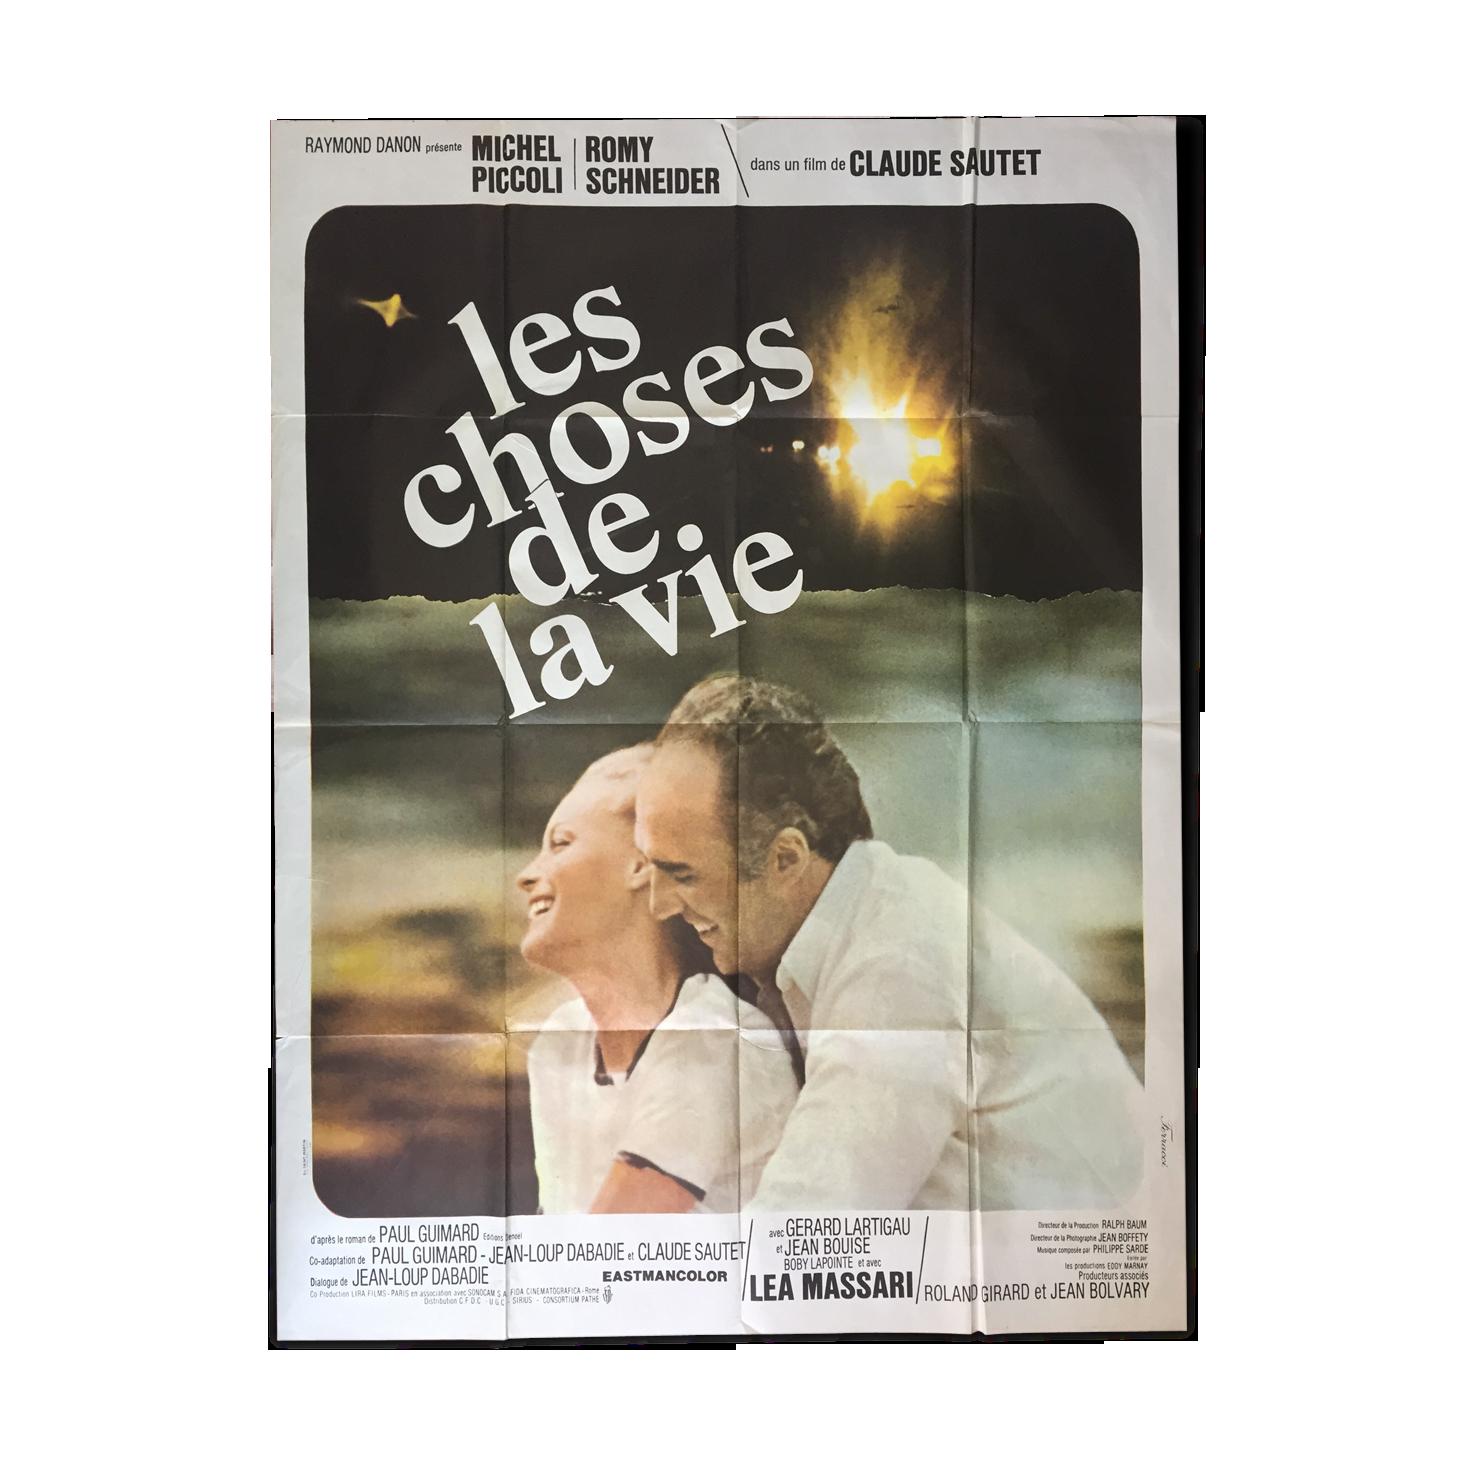 Les choses de la vie Romy Scheider movie poster